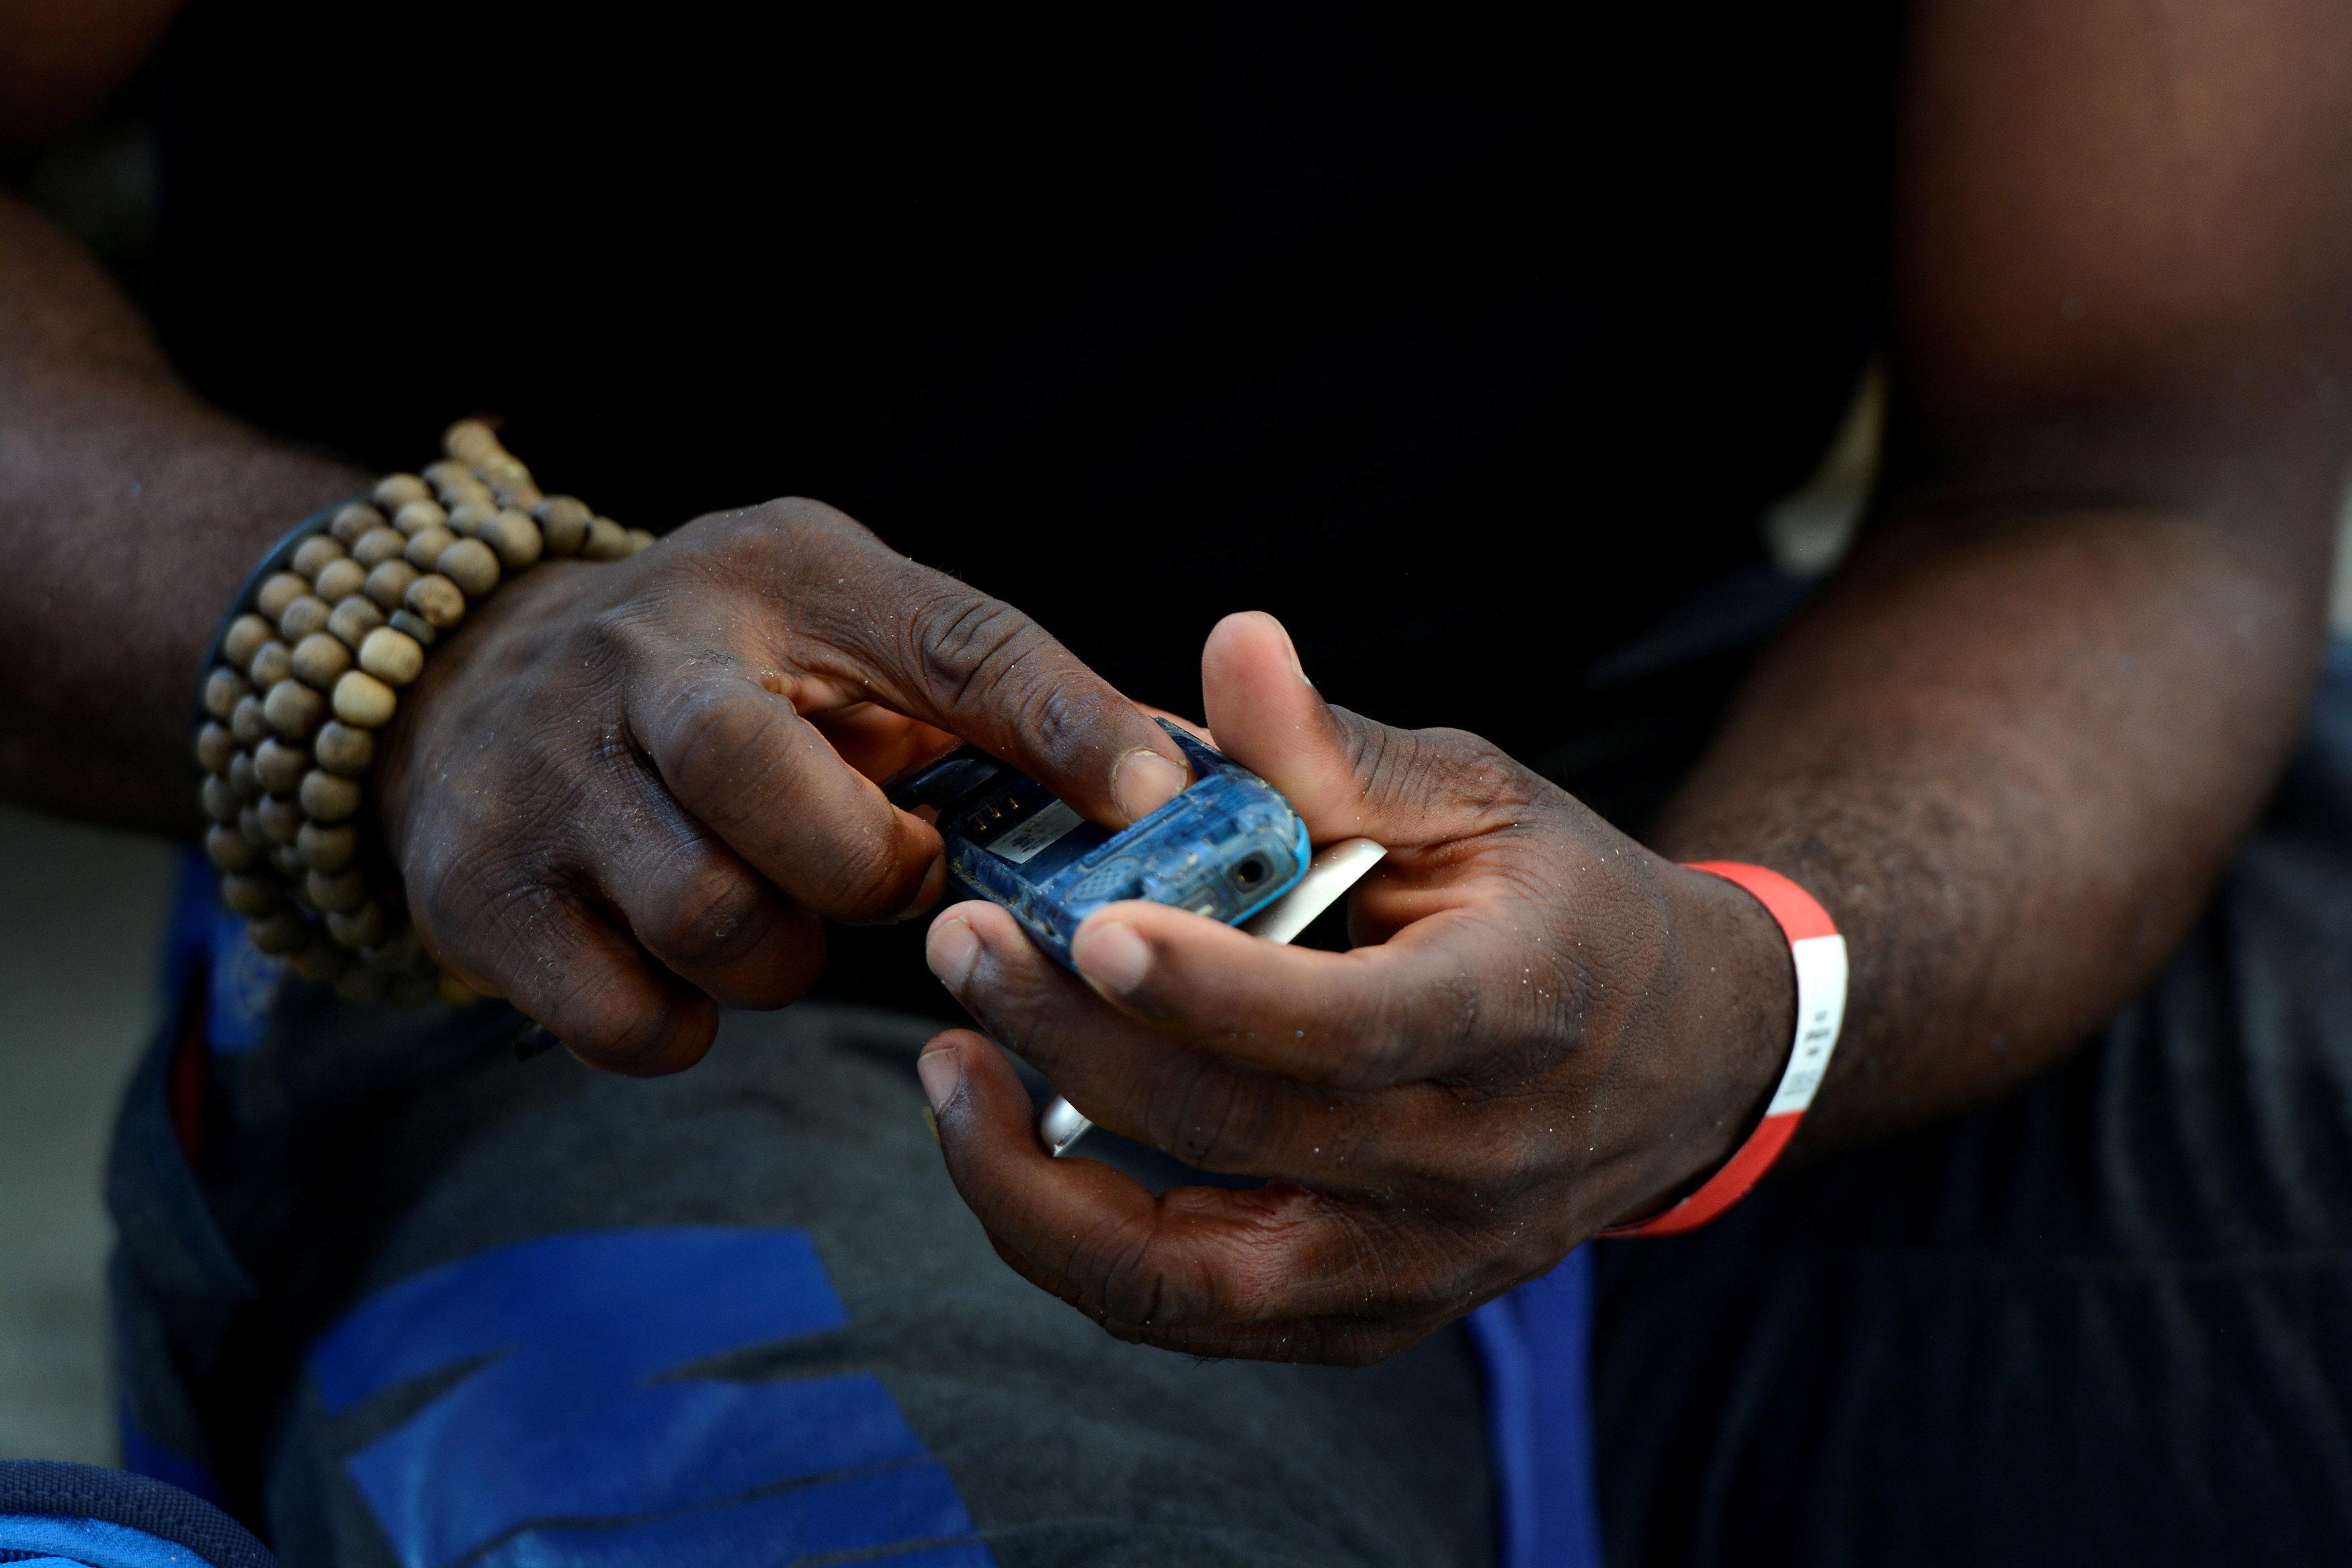 احد المهاجرين أثناء فحص هاتفه المحول بعد إنقاذه